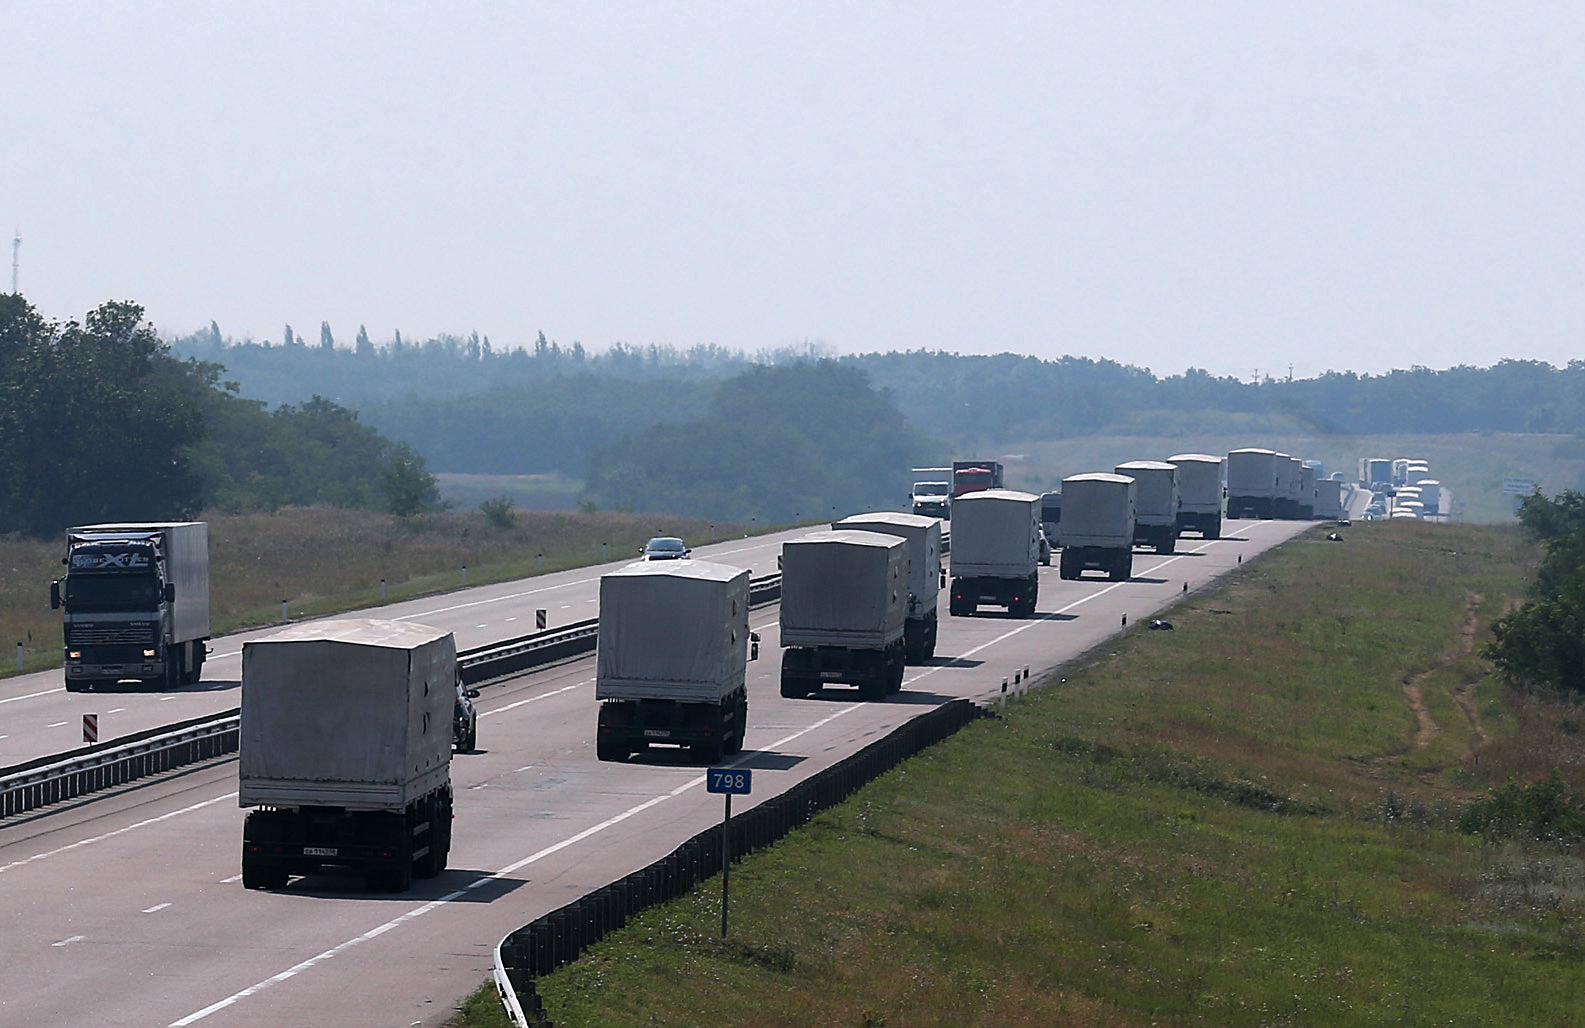 Venäjän »avustussaattueeksi» nimeämä rekkakolonna ylitti Ukrainan rajan pari vuotta sitten.